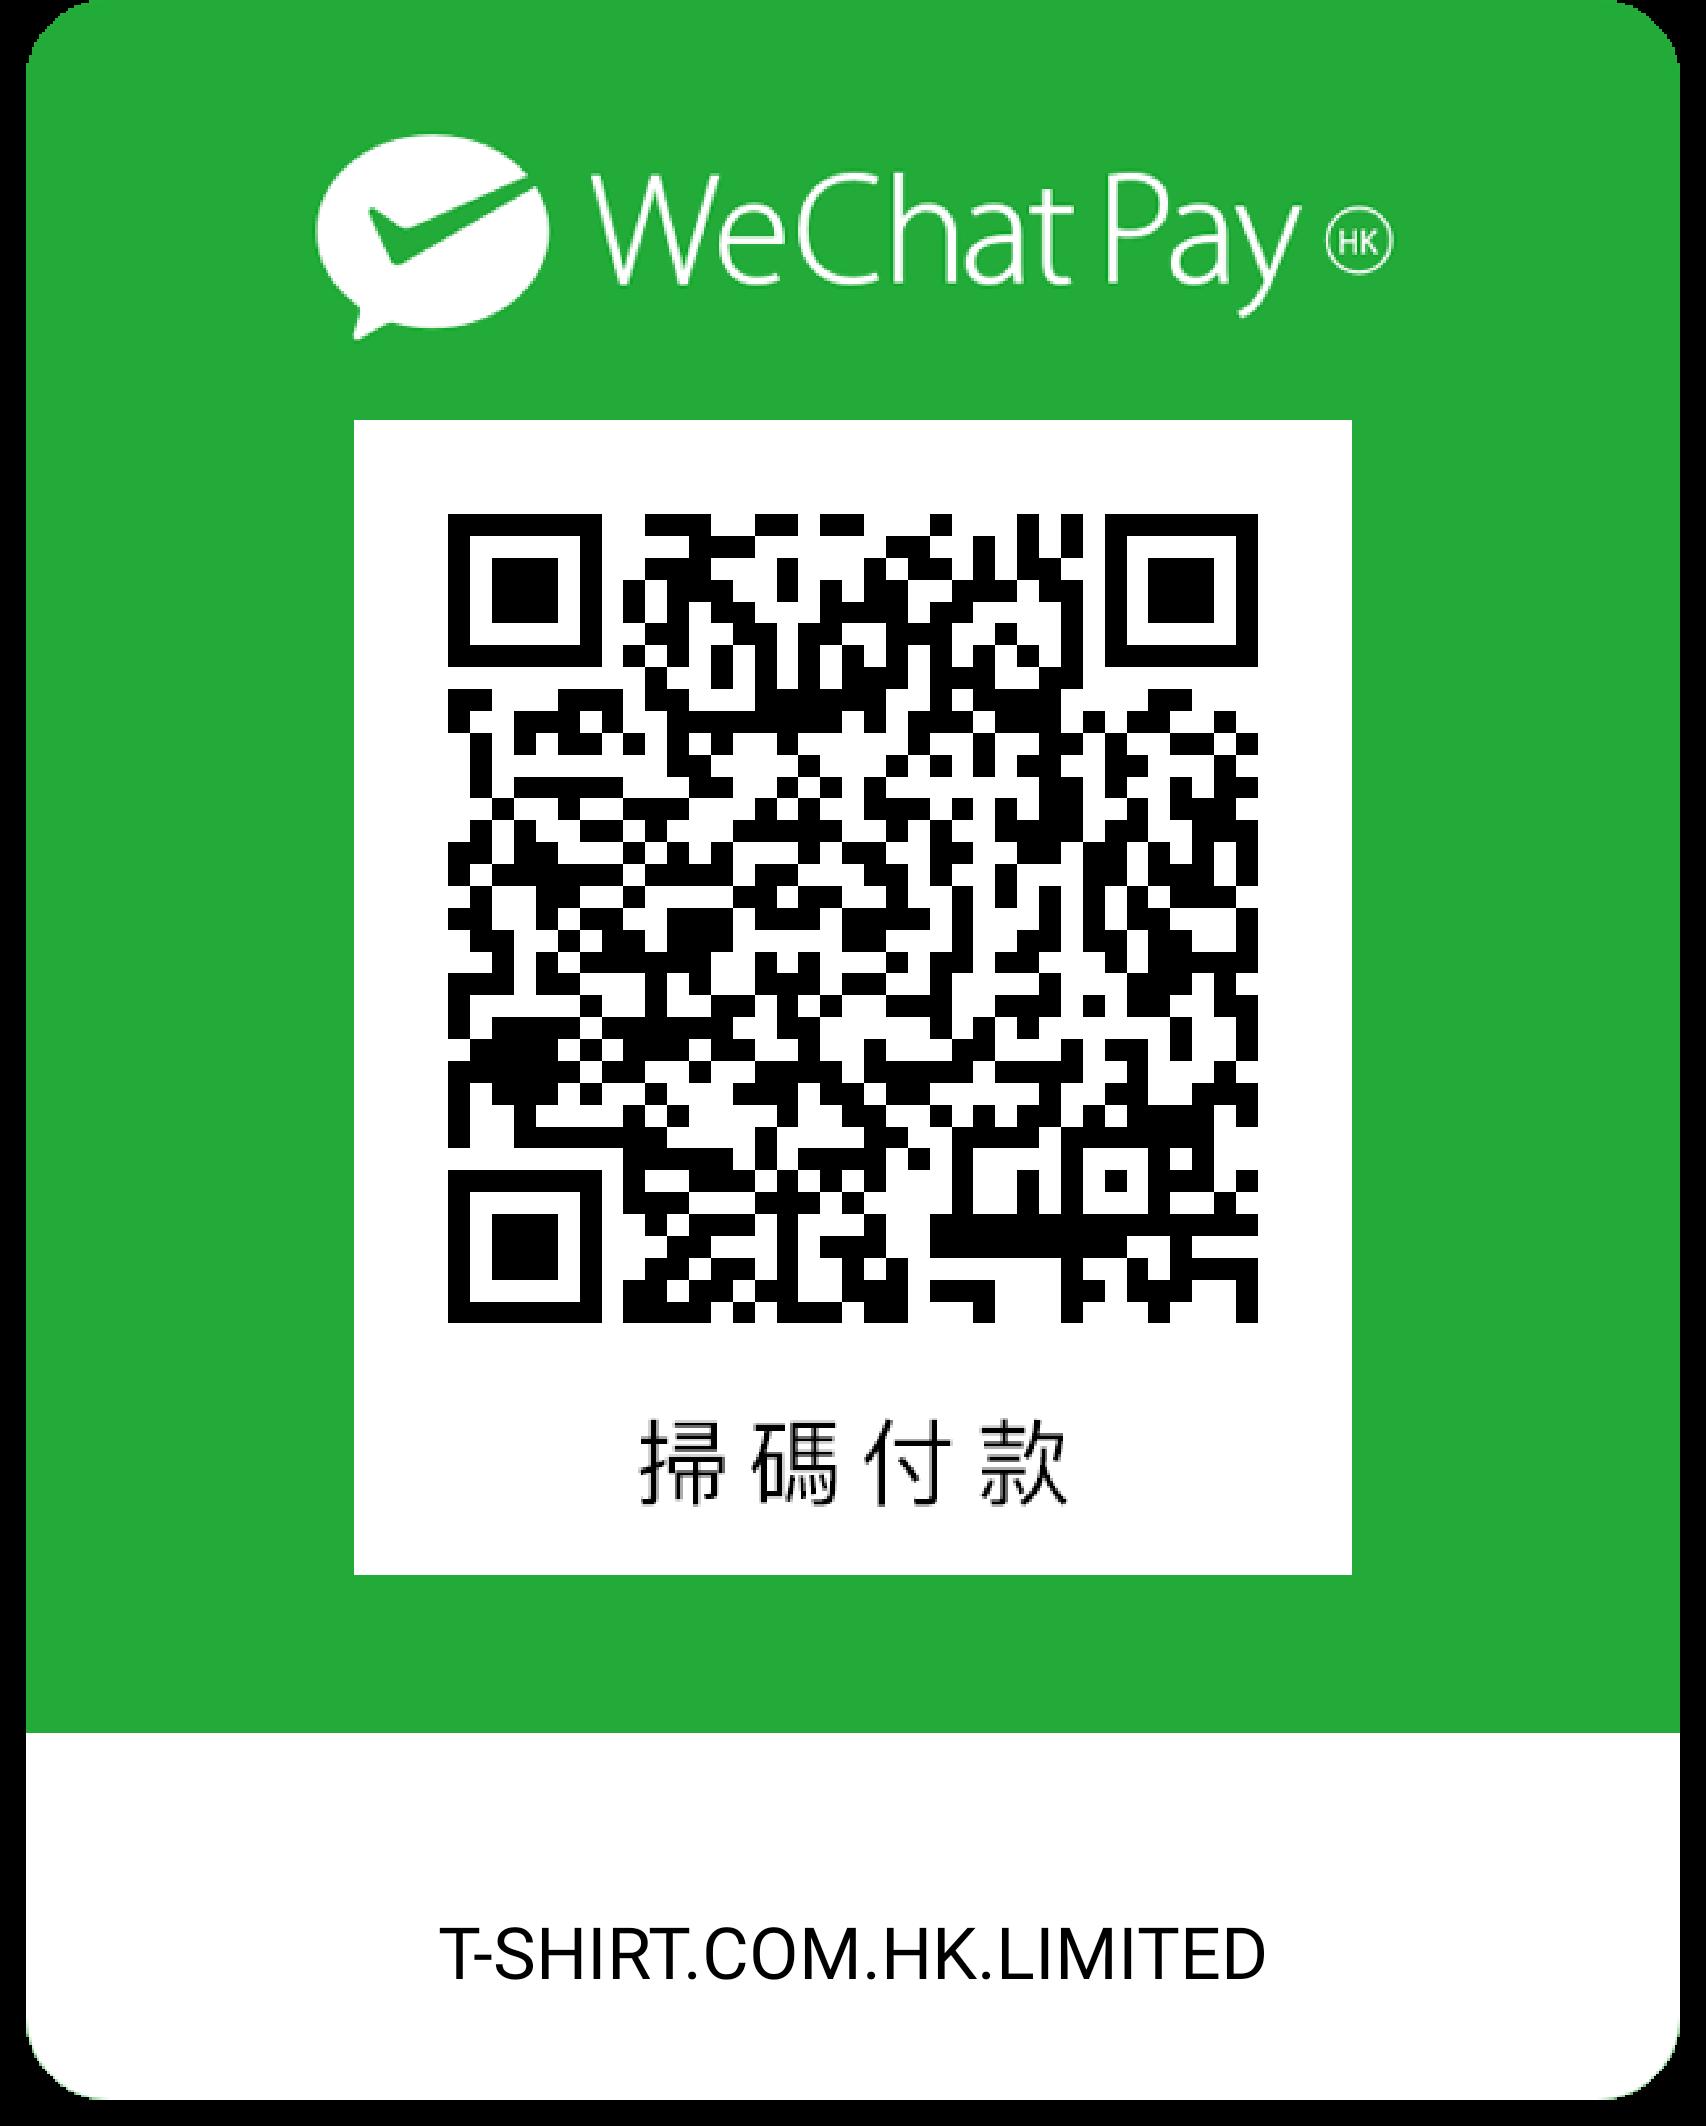 WeChatPay QR